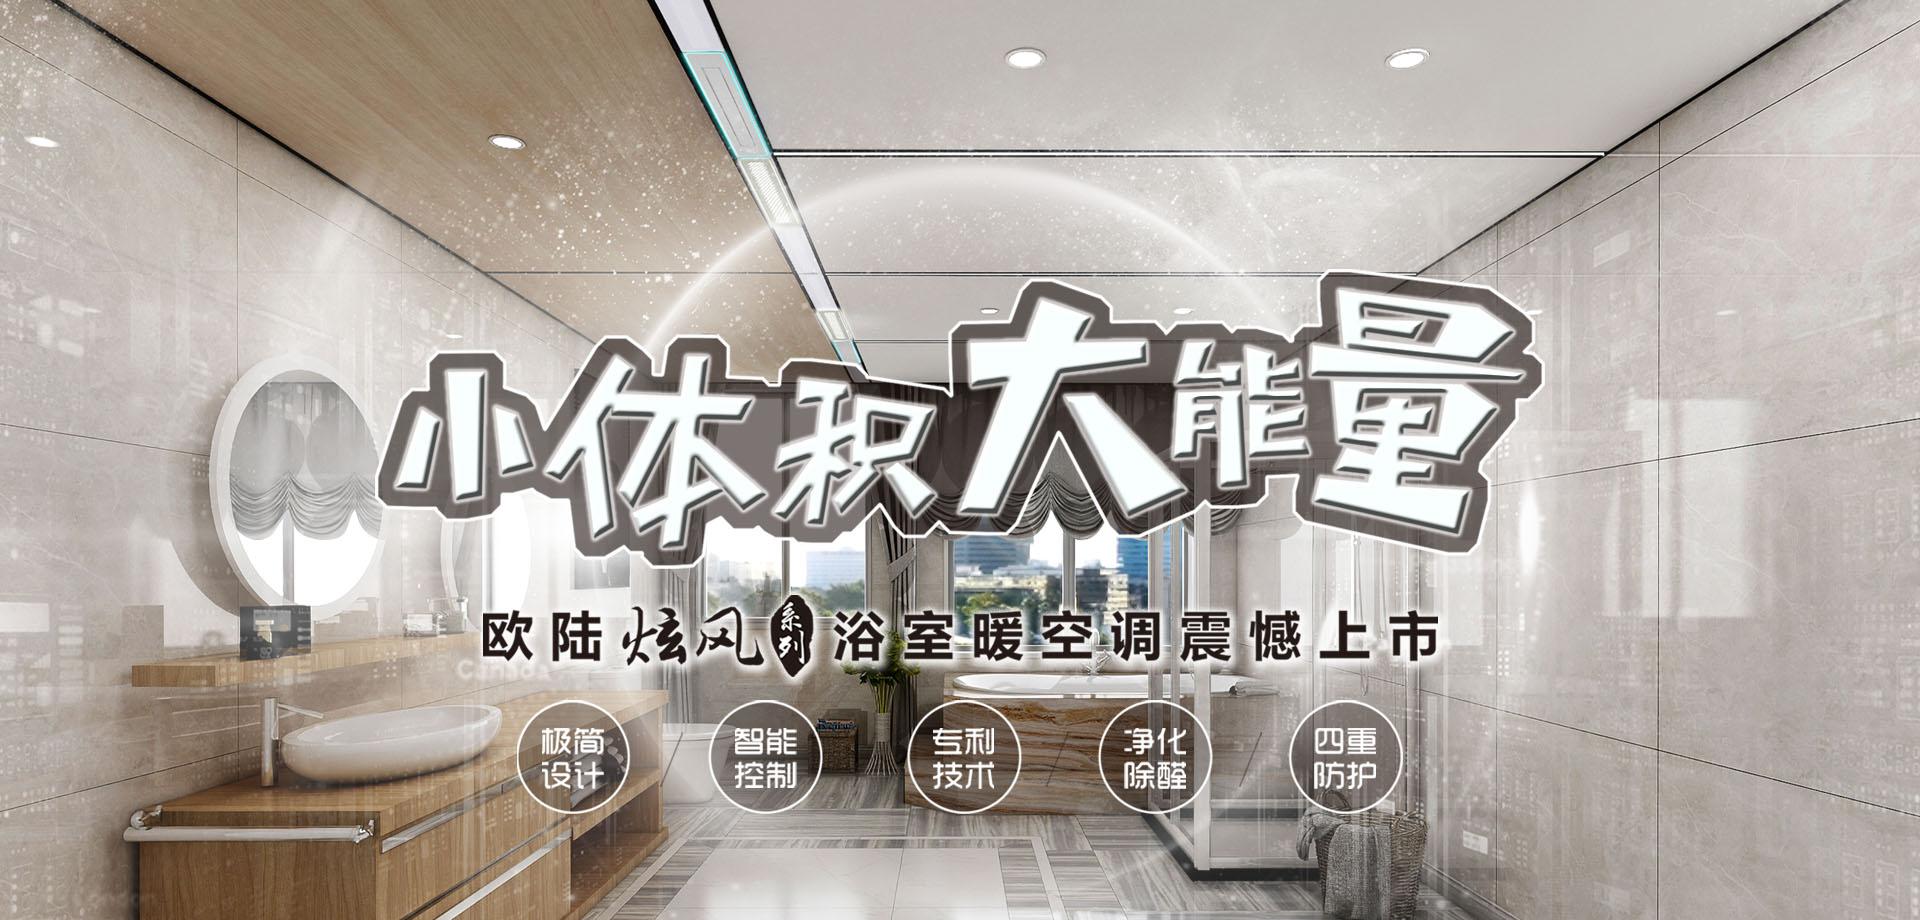 炫风系列 微信官网